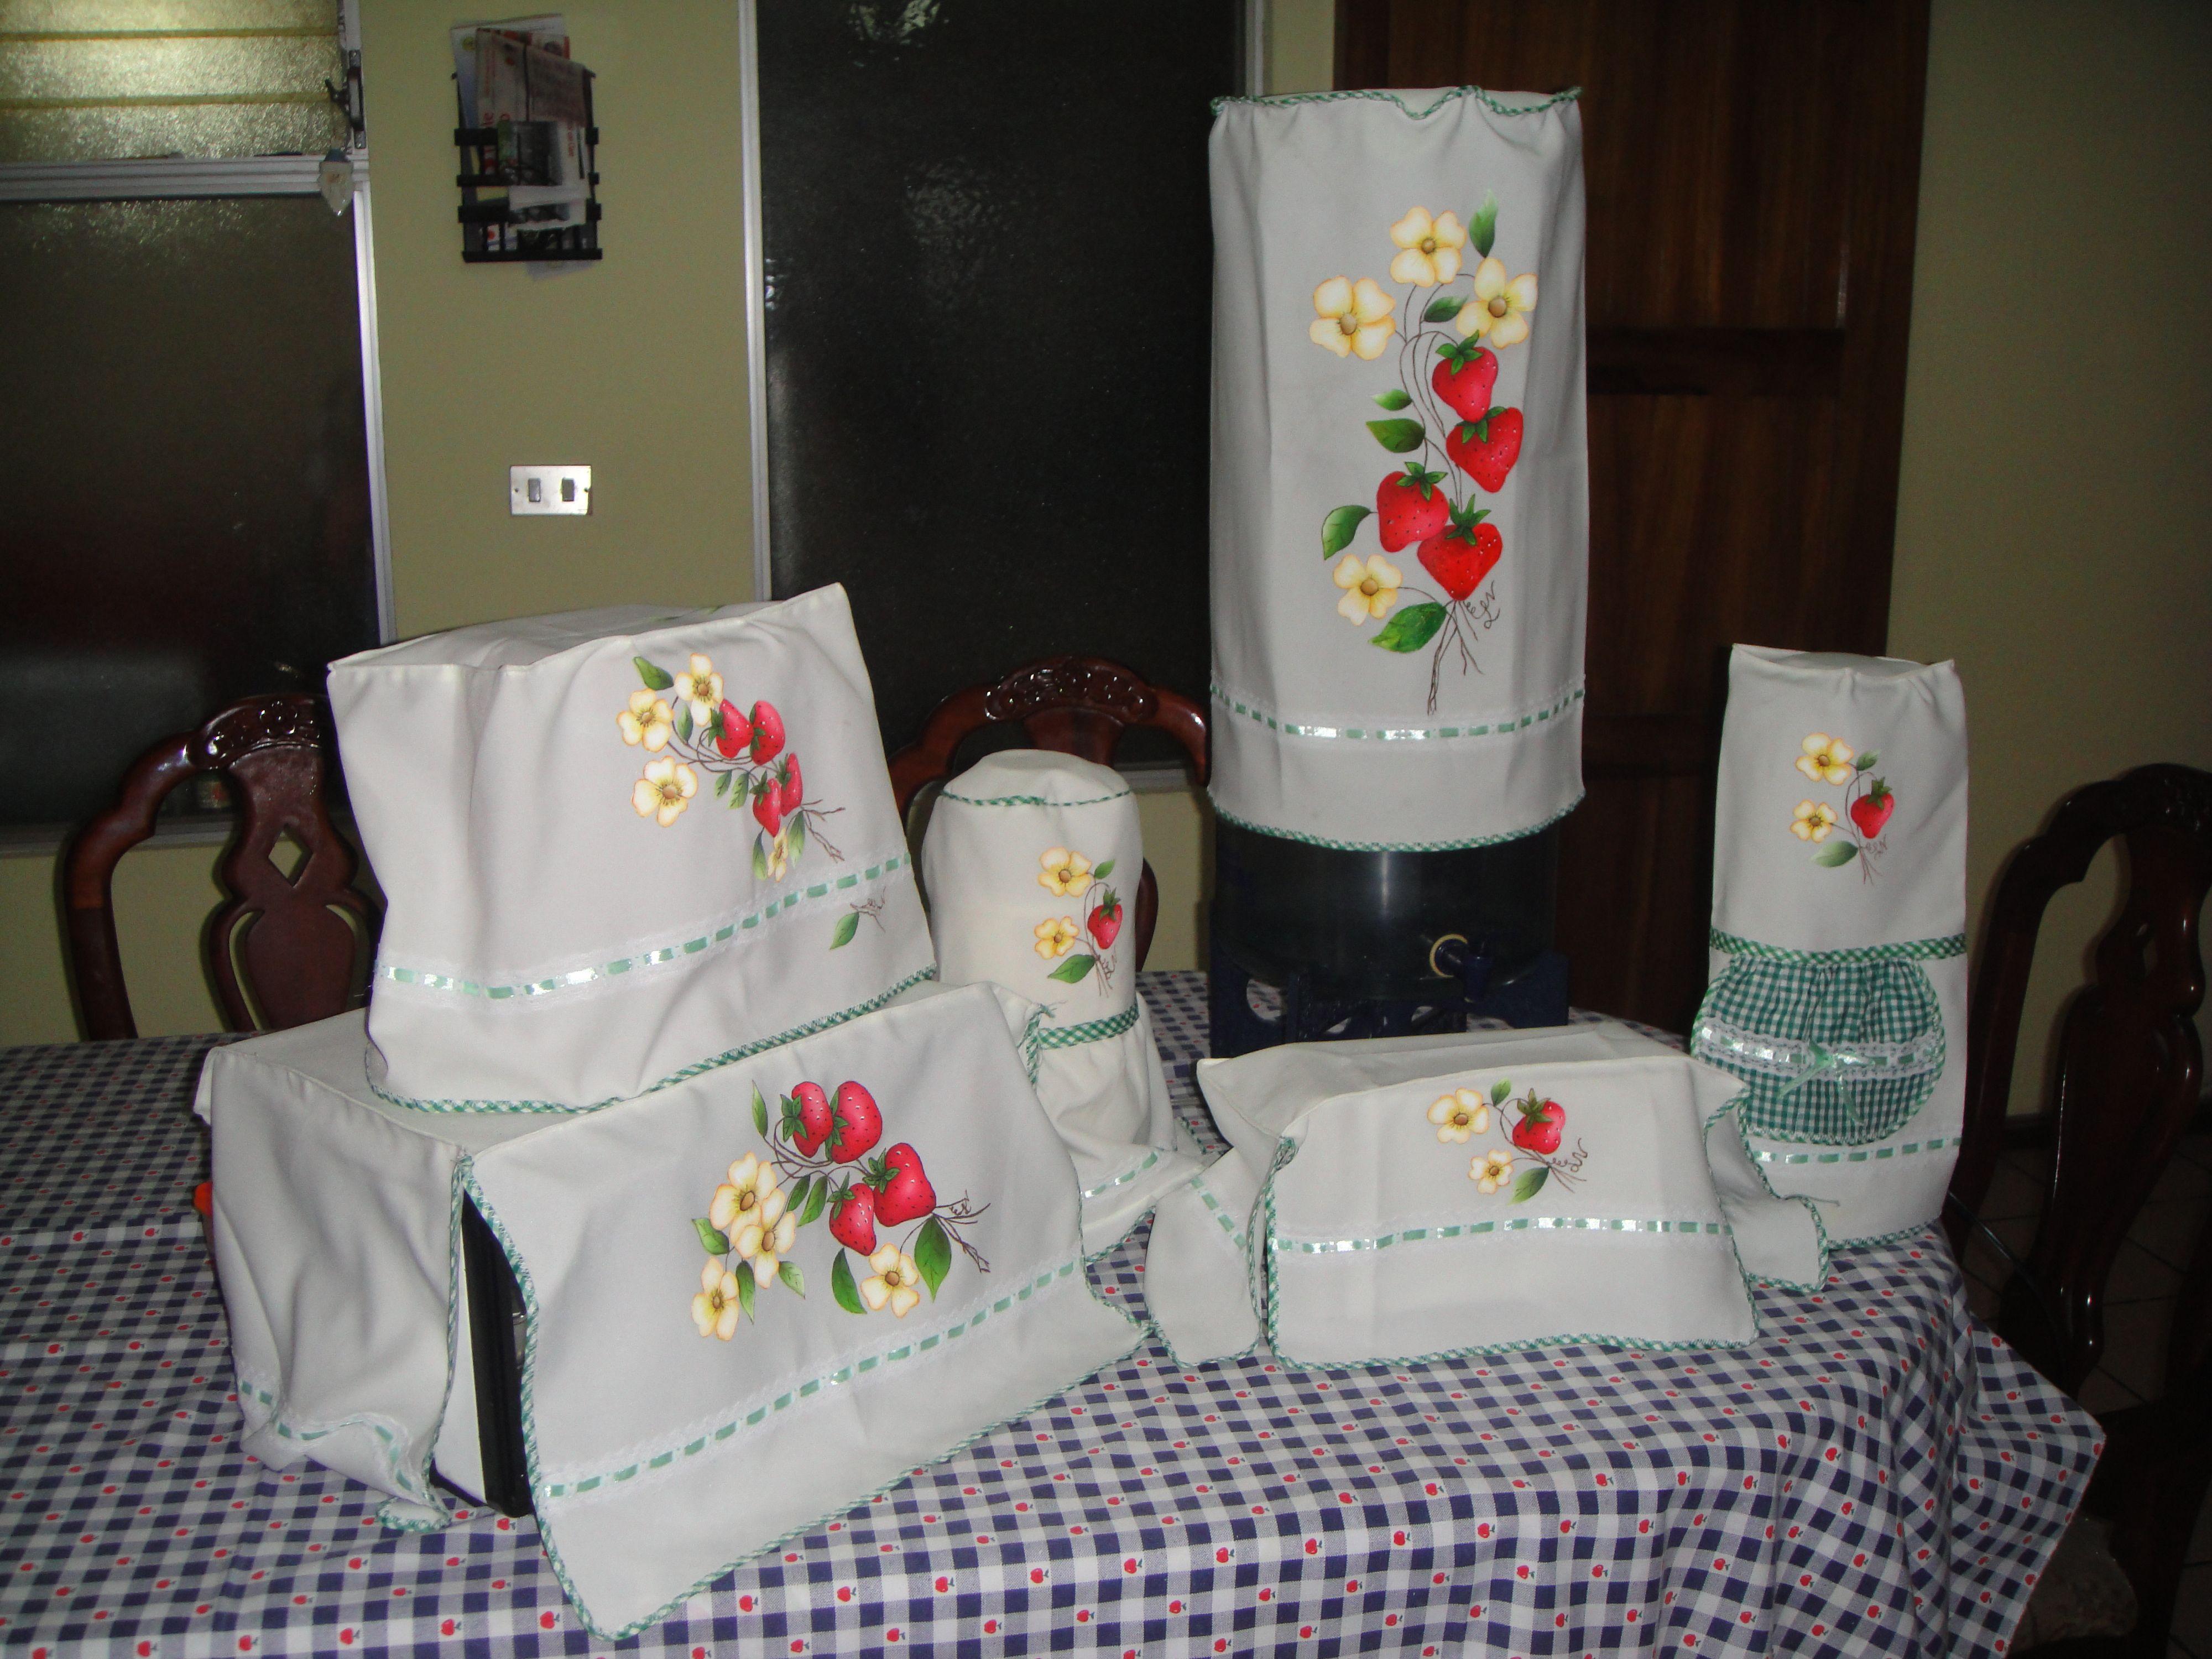 Juego de cobertores para cocina pintura en tela for Ju3gos de cocina